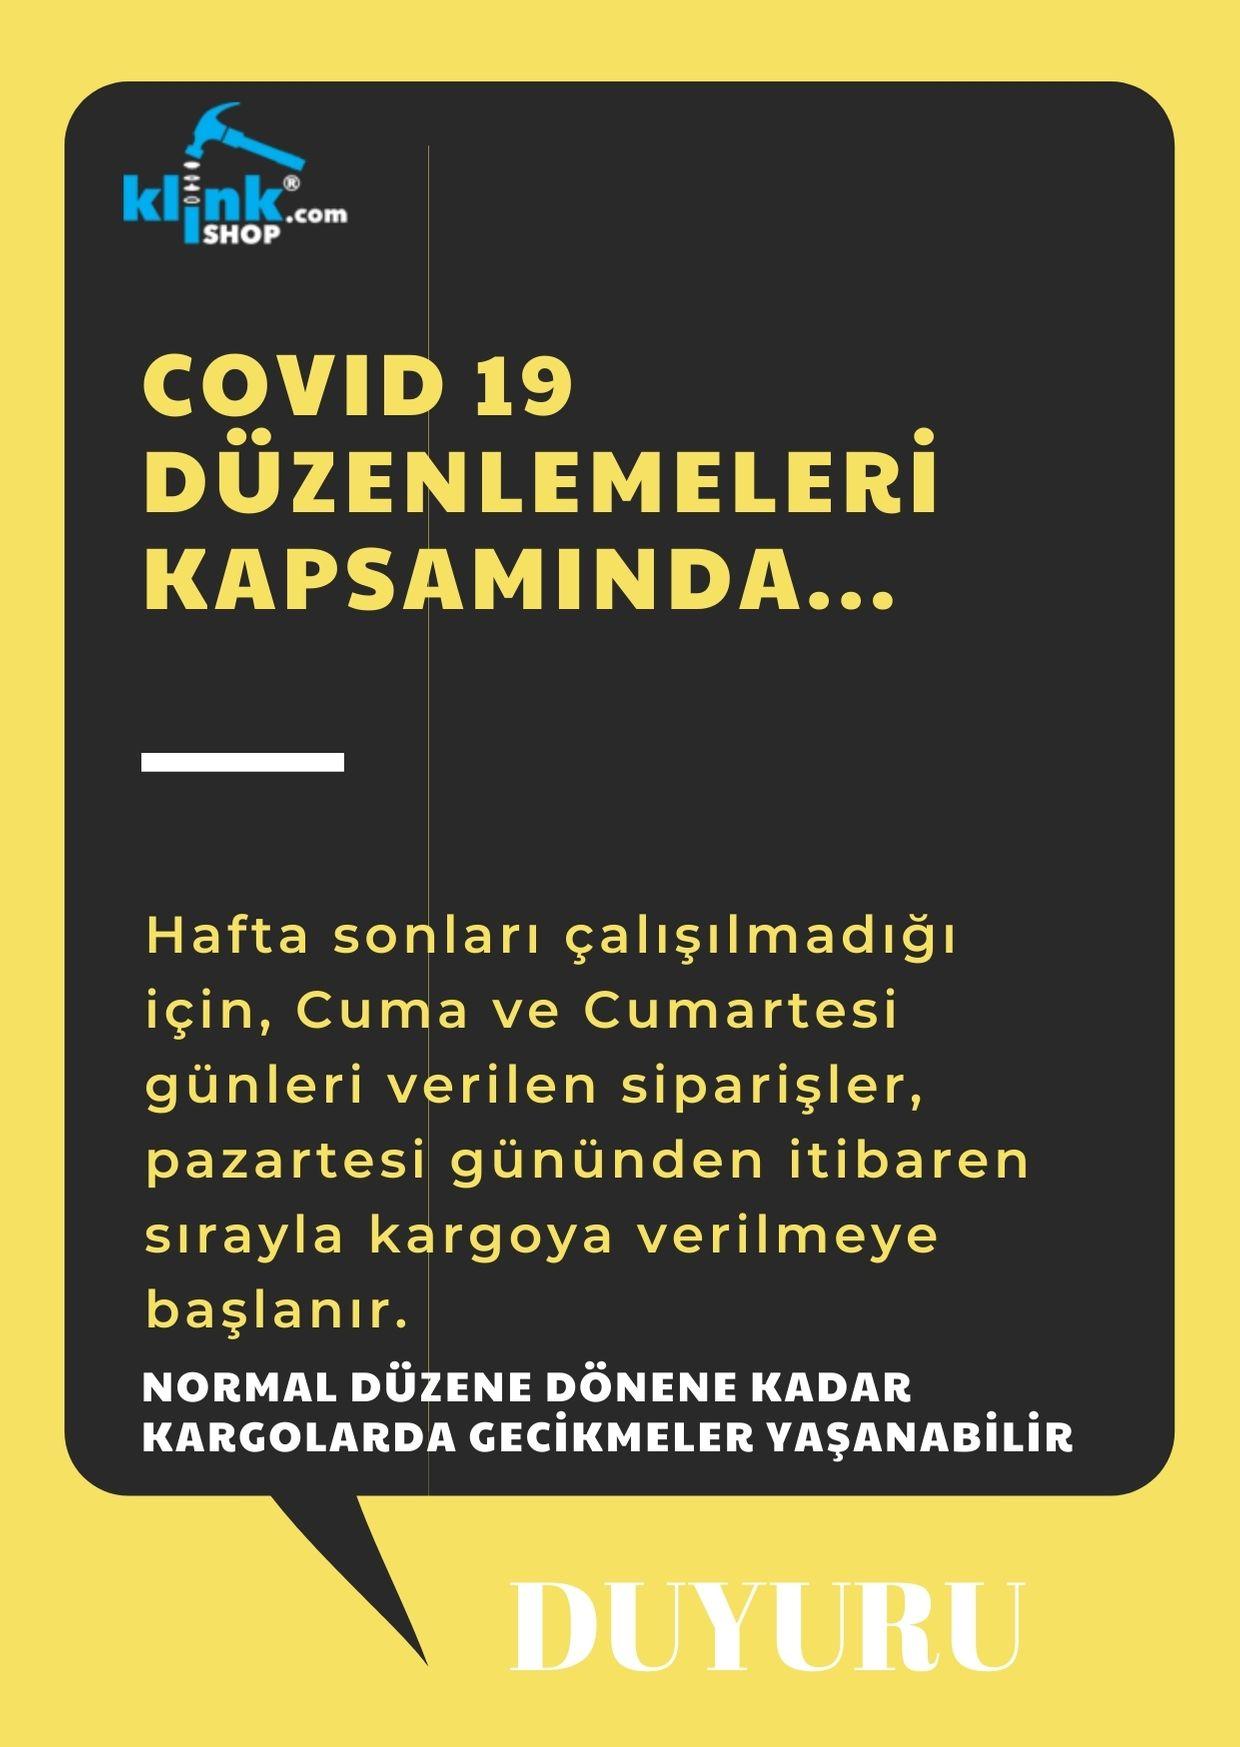 COVID 19 DÜZENLEMELERİ KAPSAMINDA....jpg (170 KB)